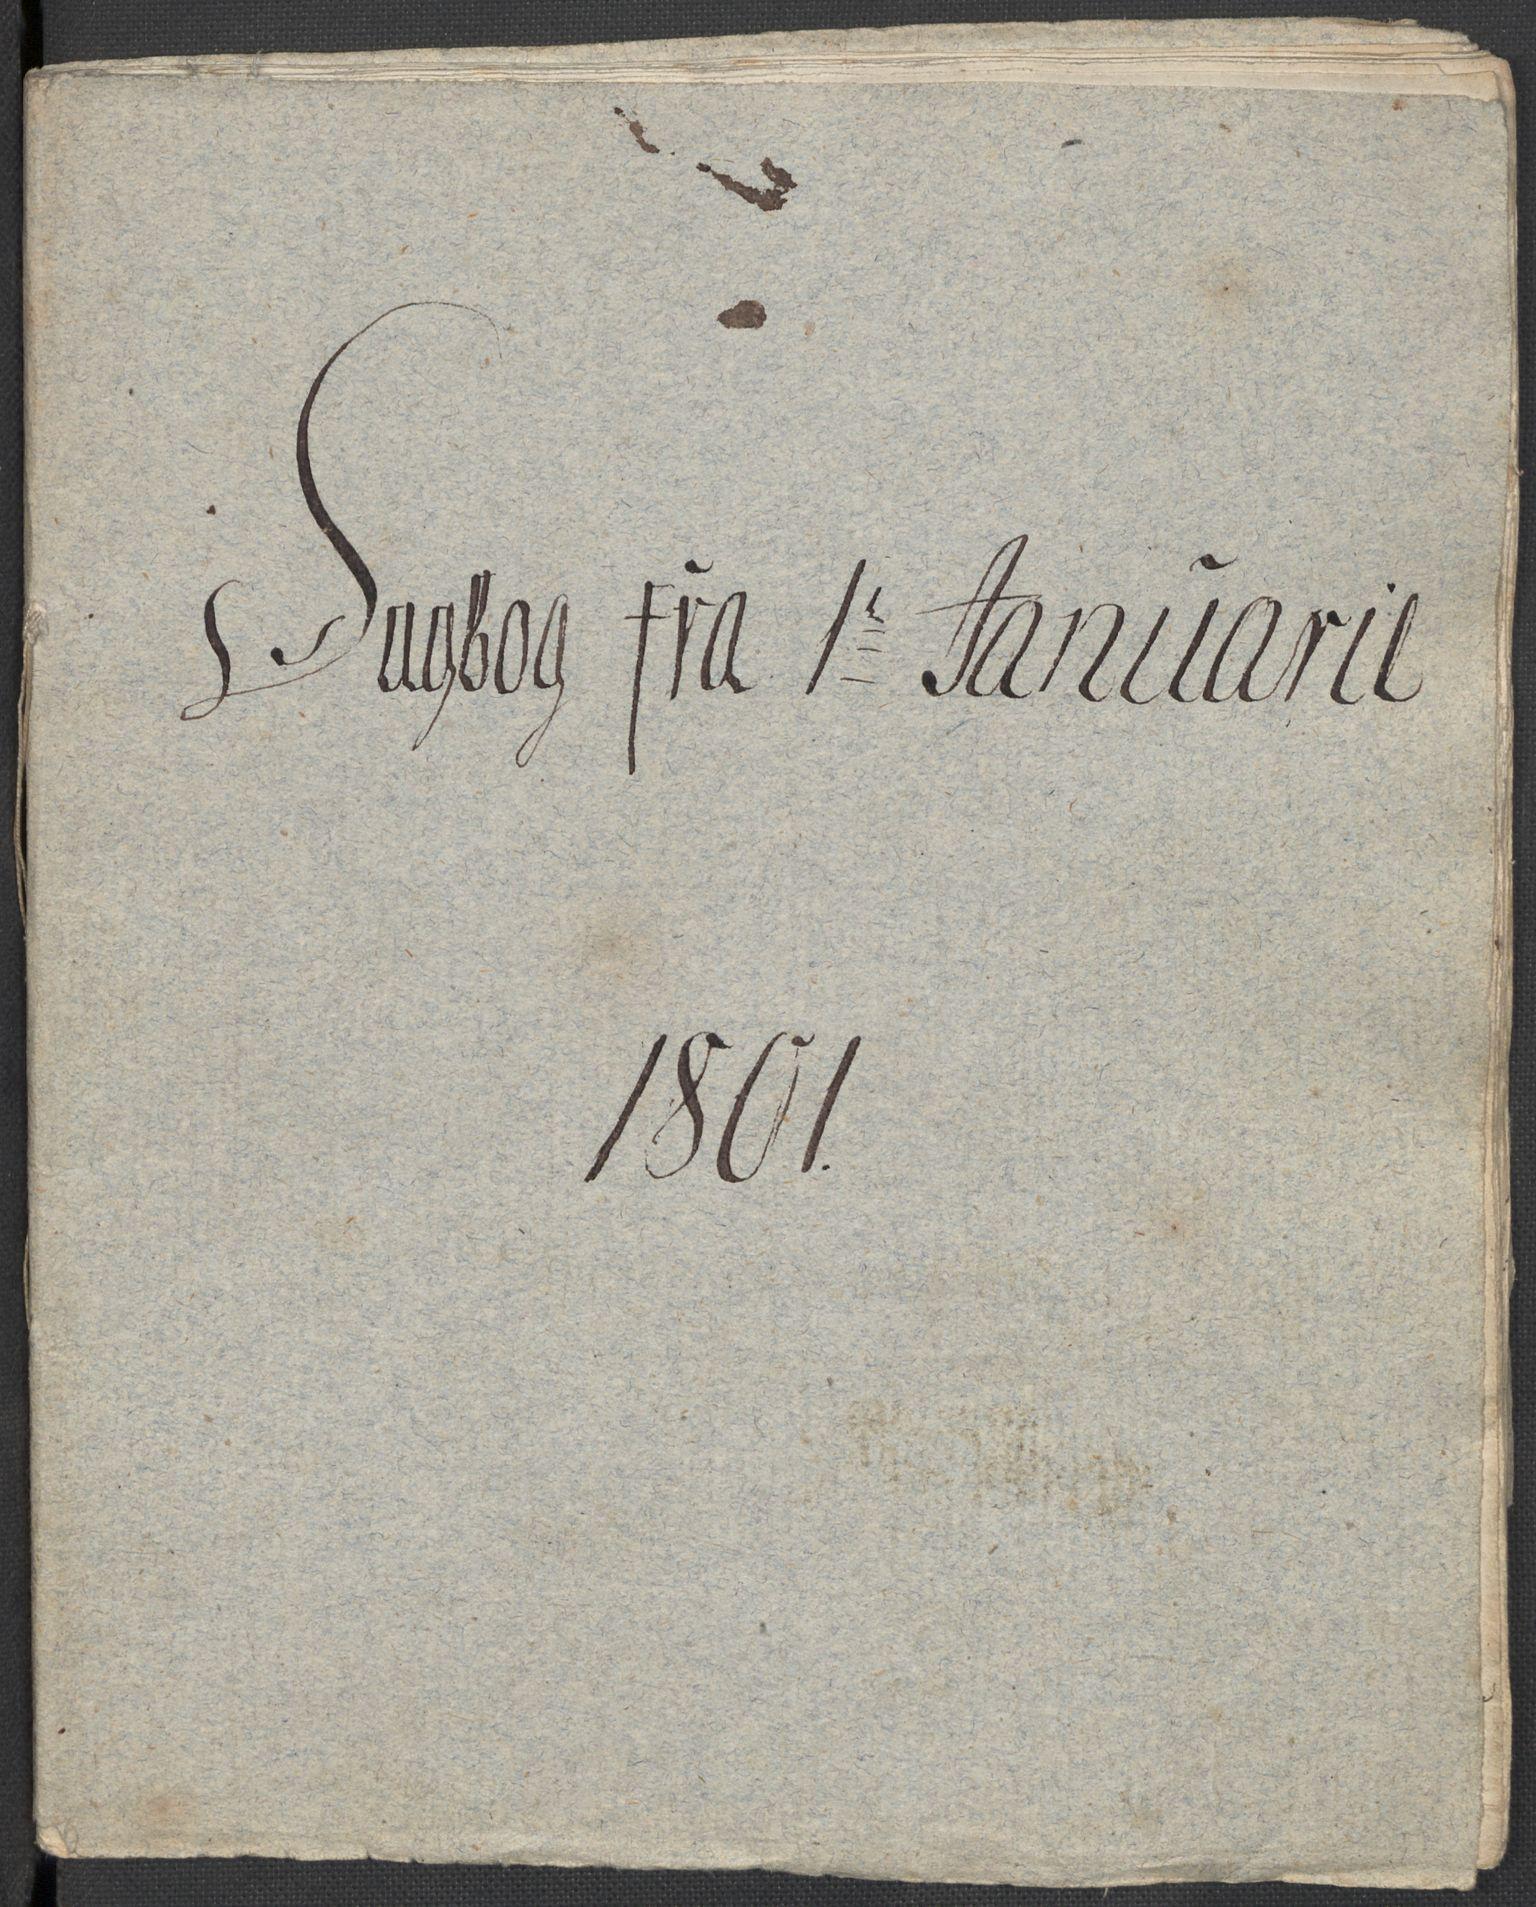 RA, Holck, Meidell, Hartvig, F/L0001: (Kassett) Dagbøker ført av Ole Elias v.Holck, 1798-1842, s. 77